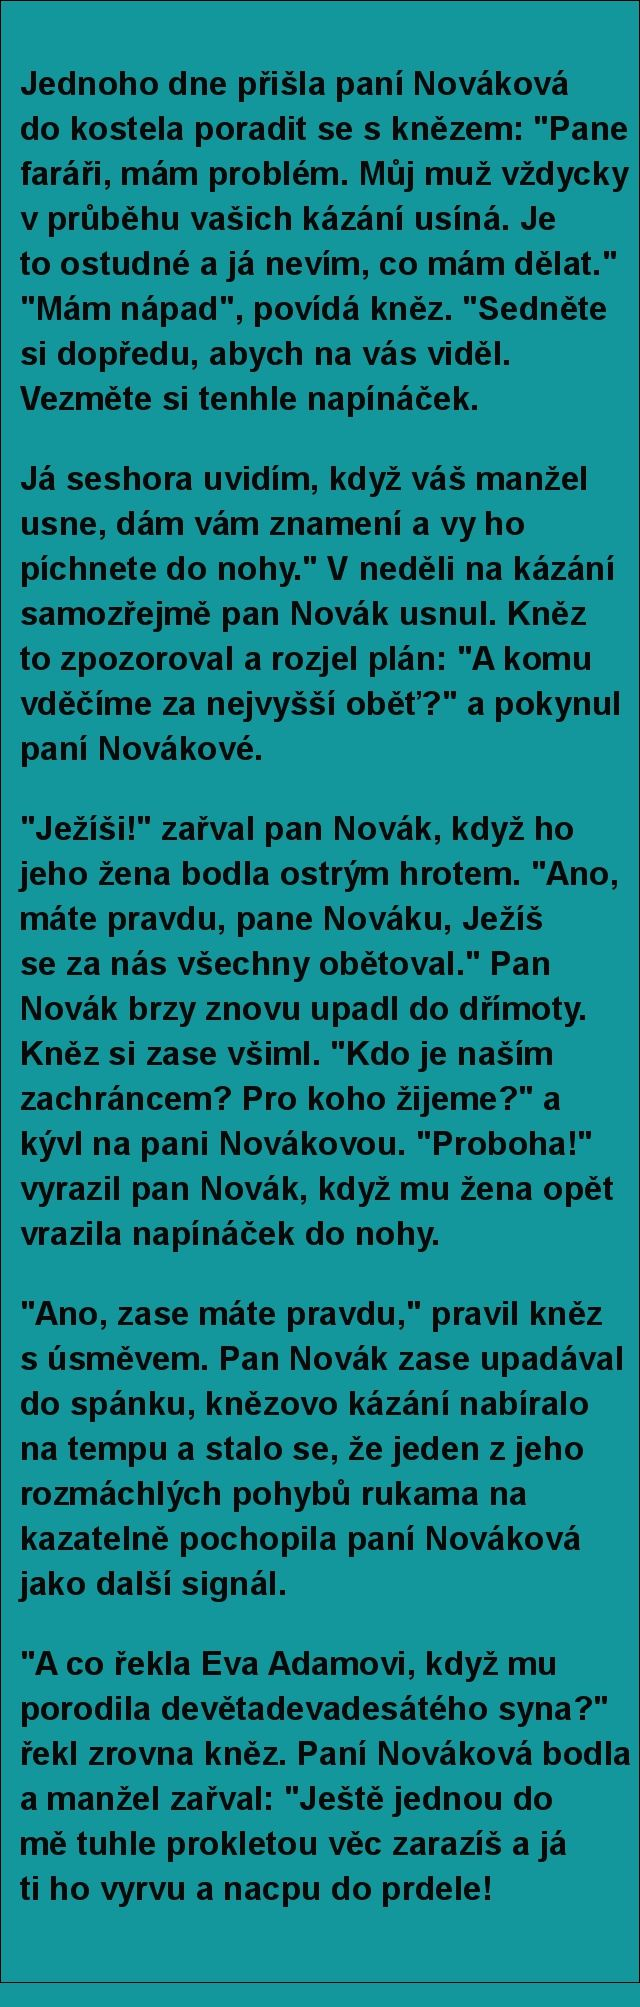 Jednoho dne přišla paní Nováková do kostela..   torpeda.cz - vtipné obrázky, vtipy a videa